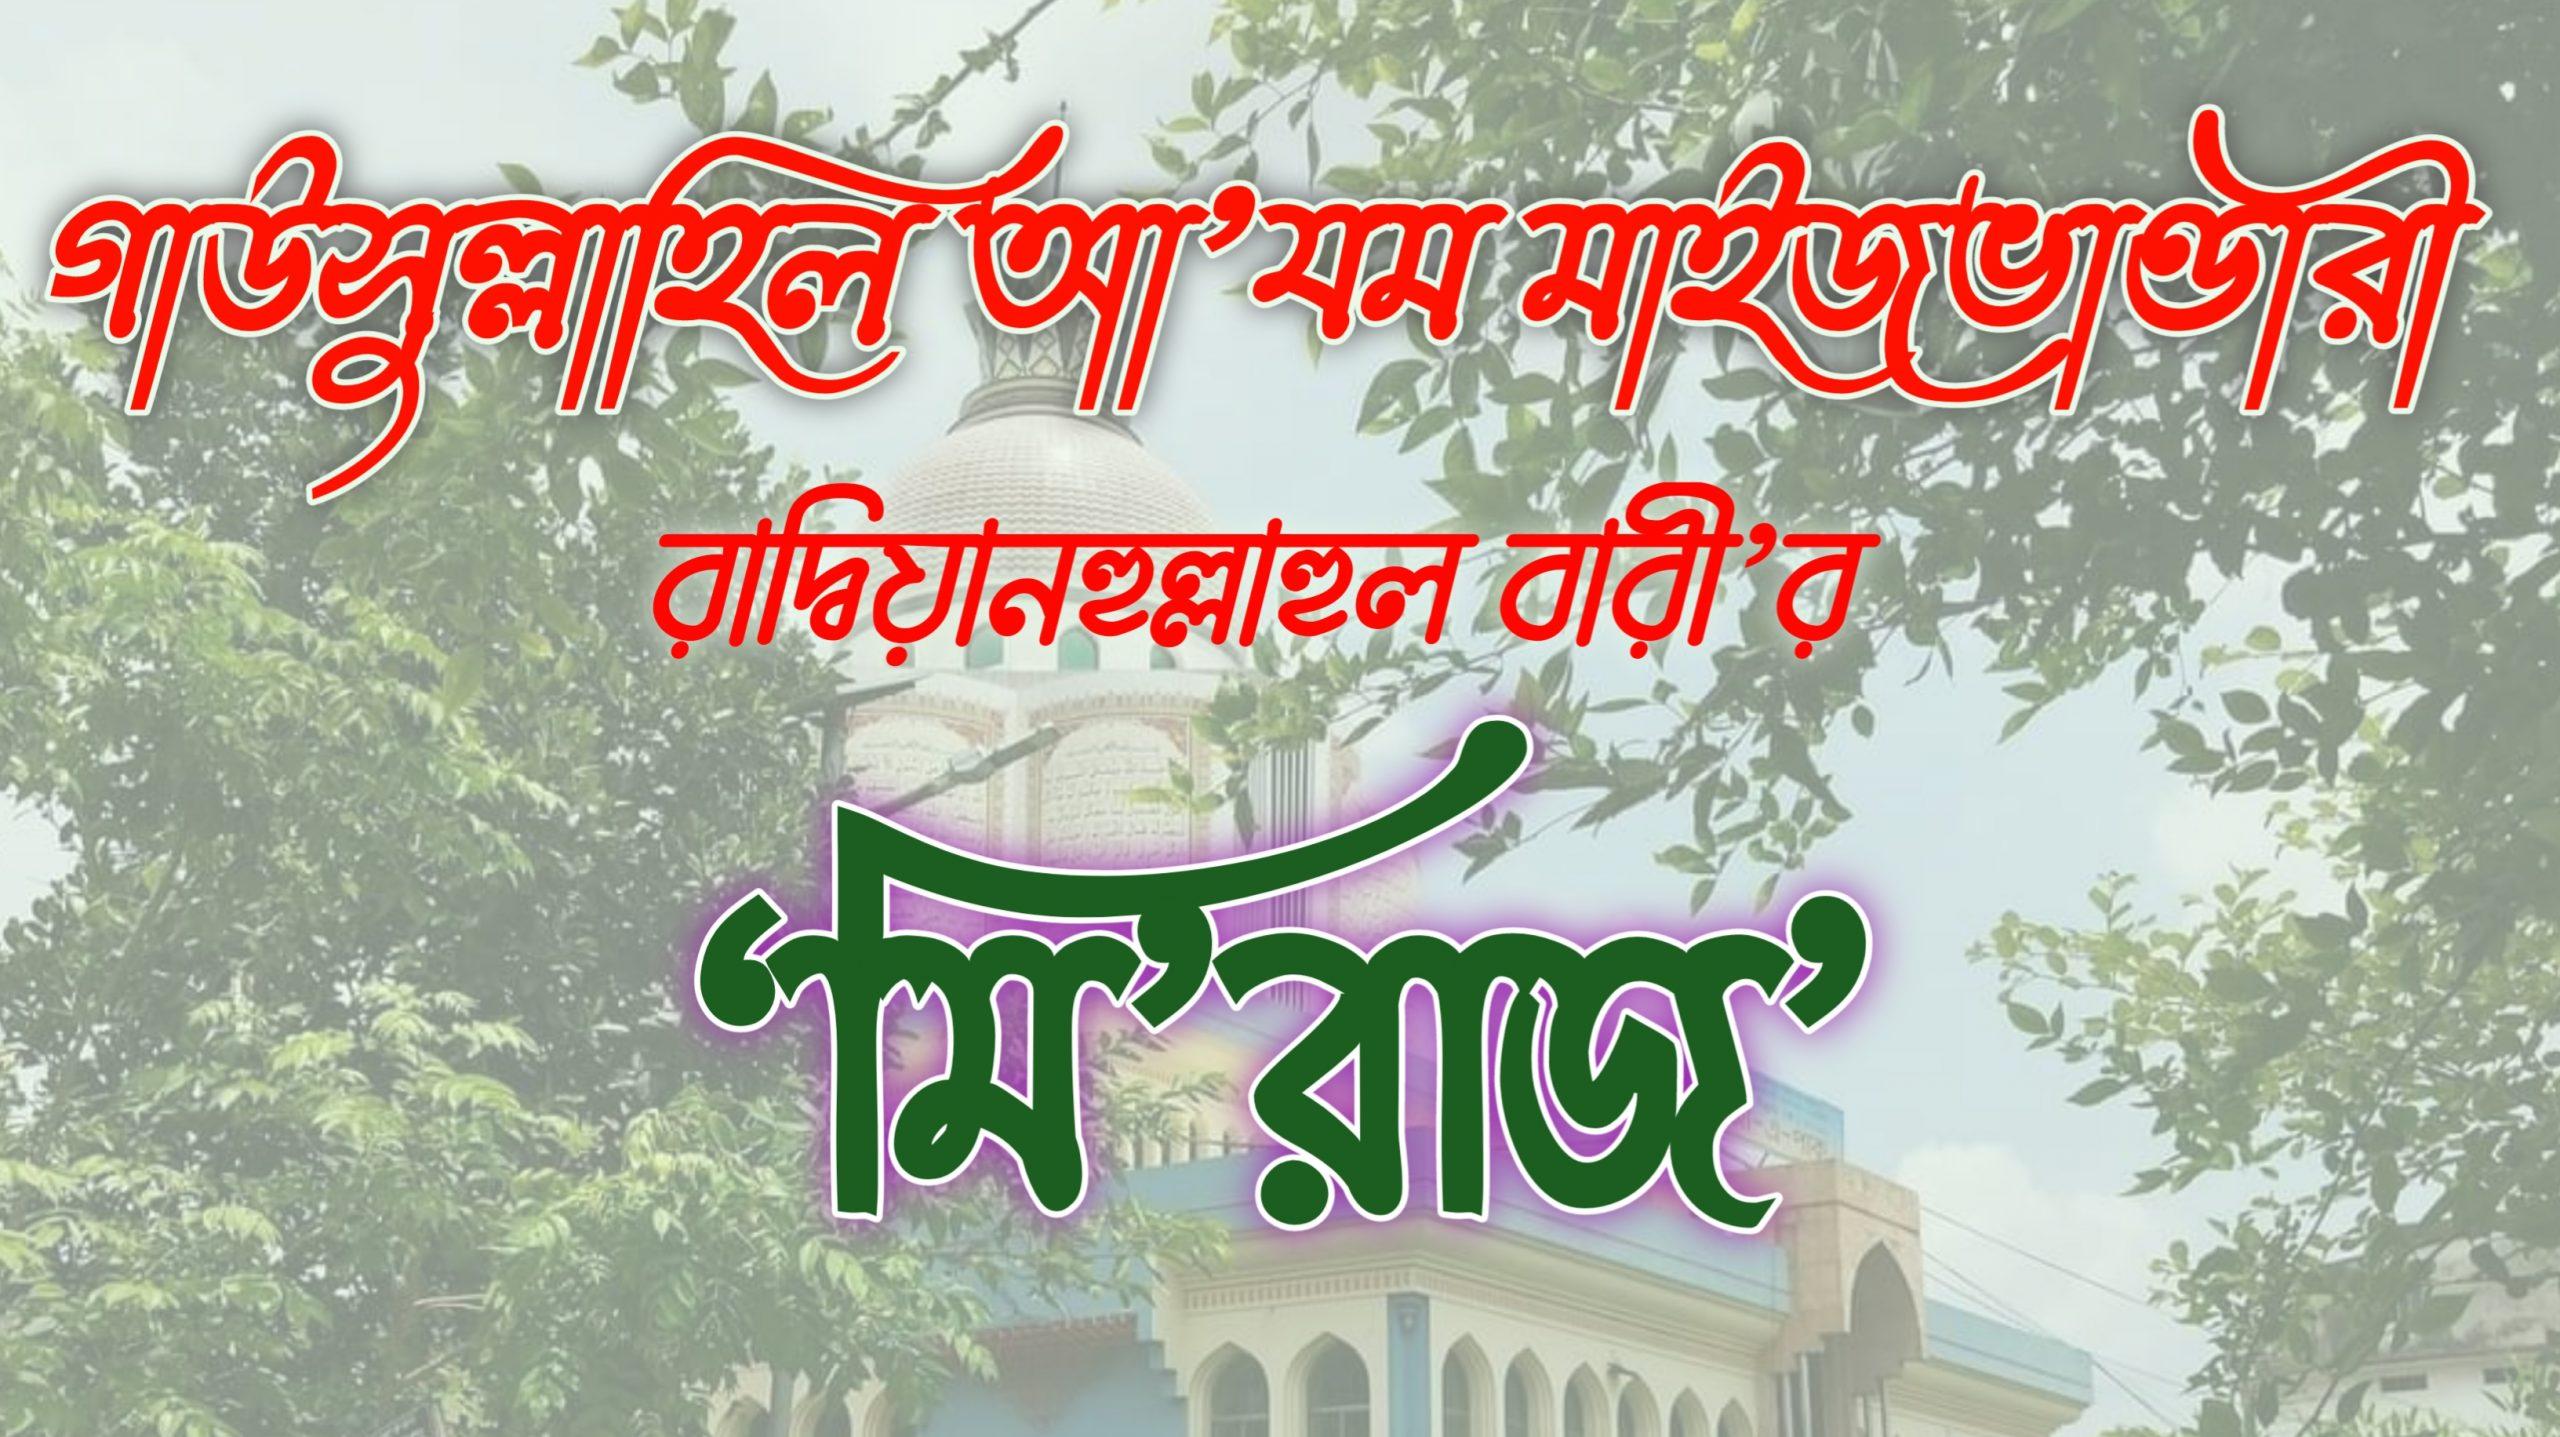 গাউসুল্লাহিল আ'যম মাইজভাণ্ডারী রাদ্বিয়ানহুল্লাহুল বারীর মি'রাজ